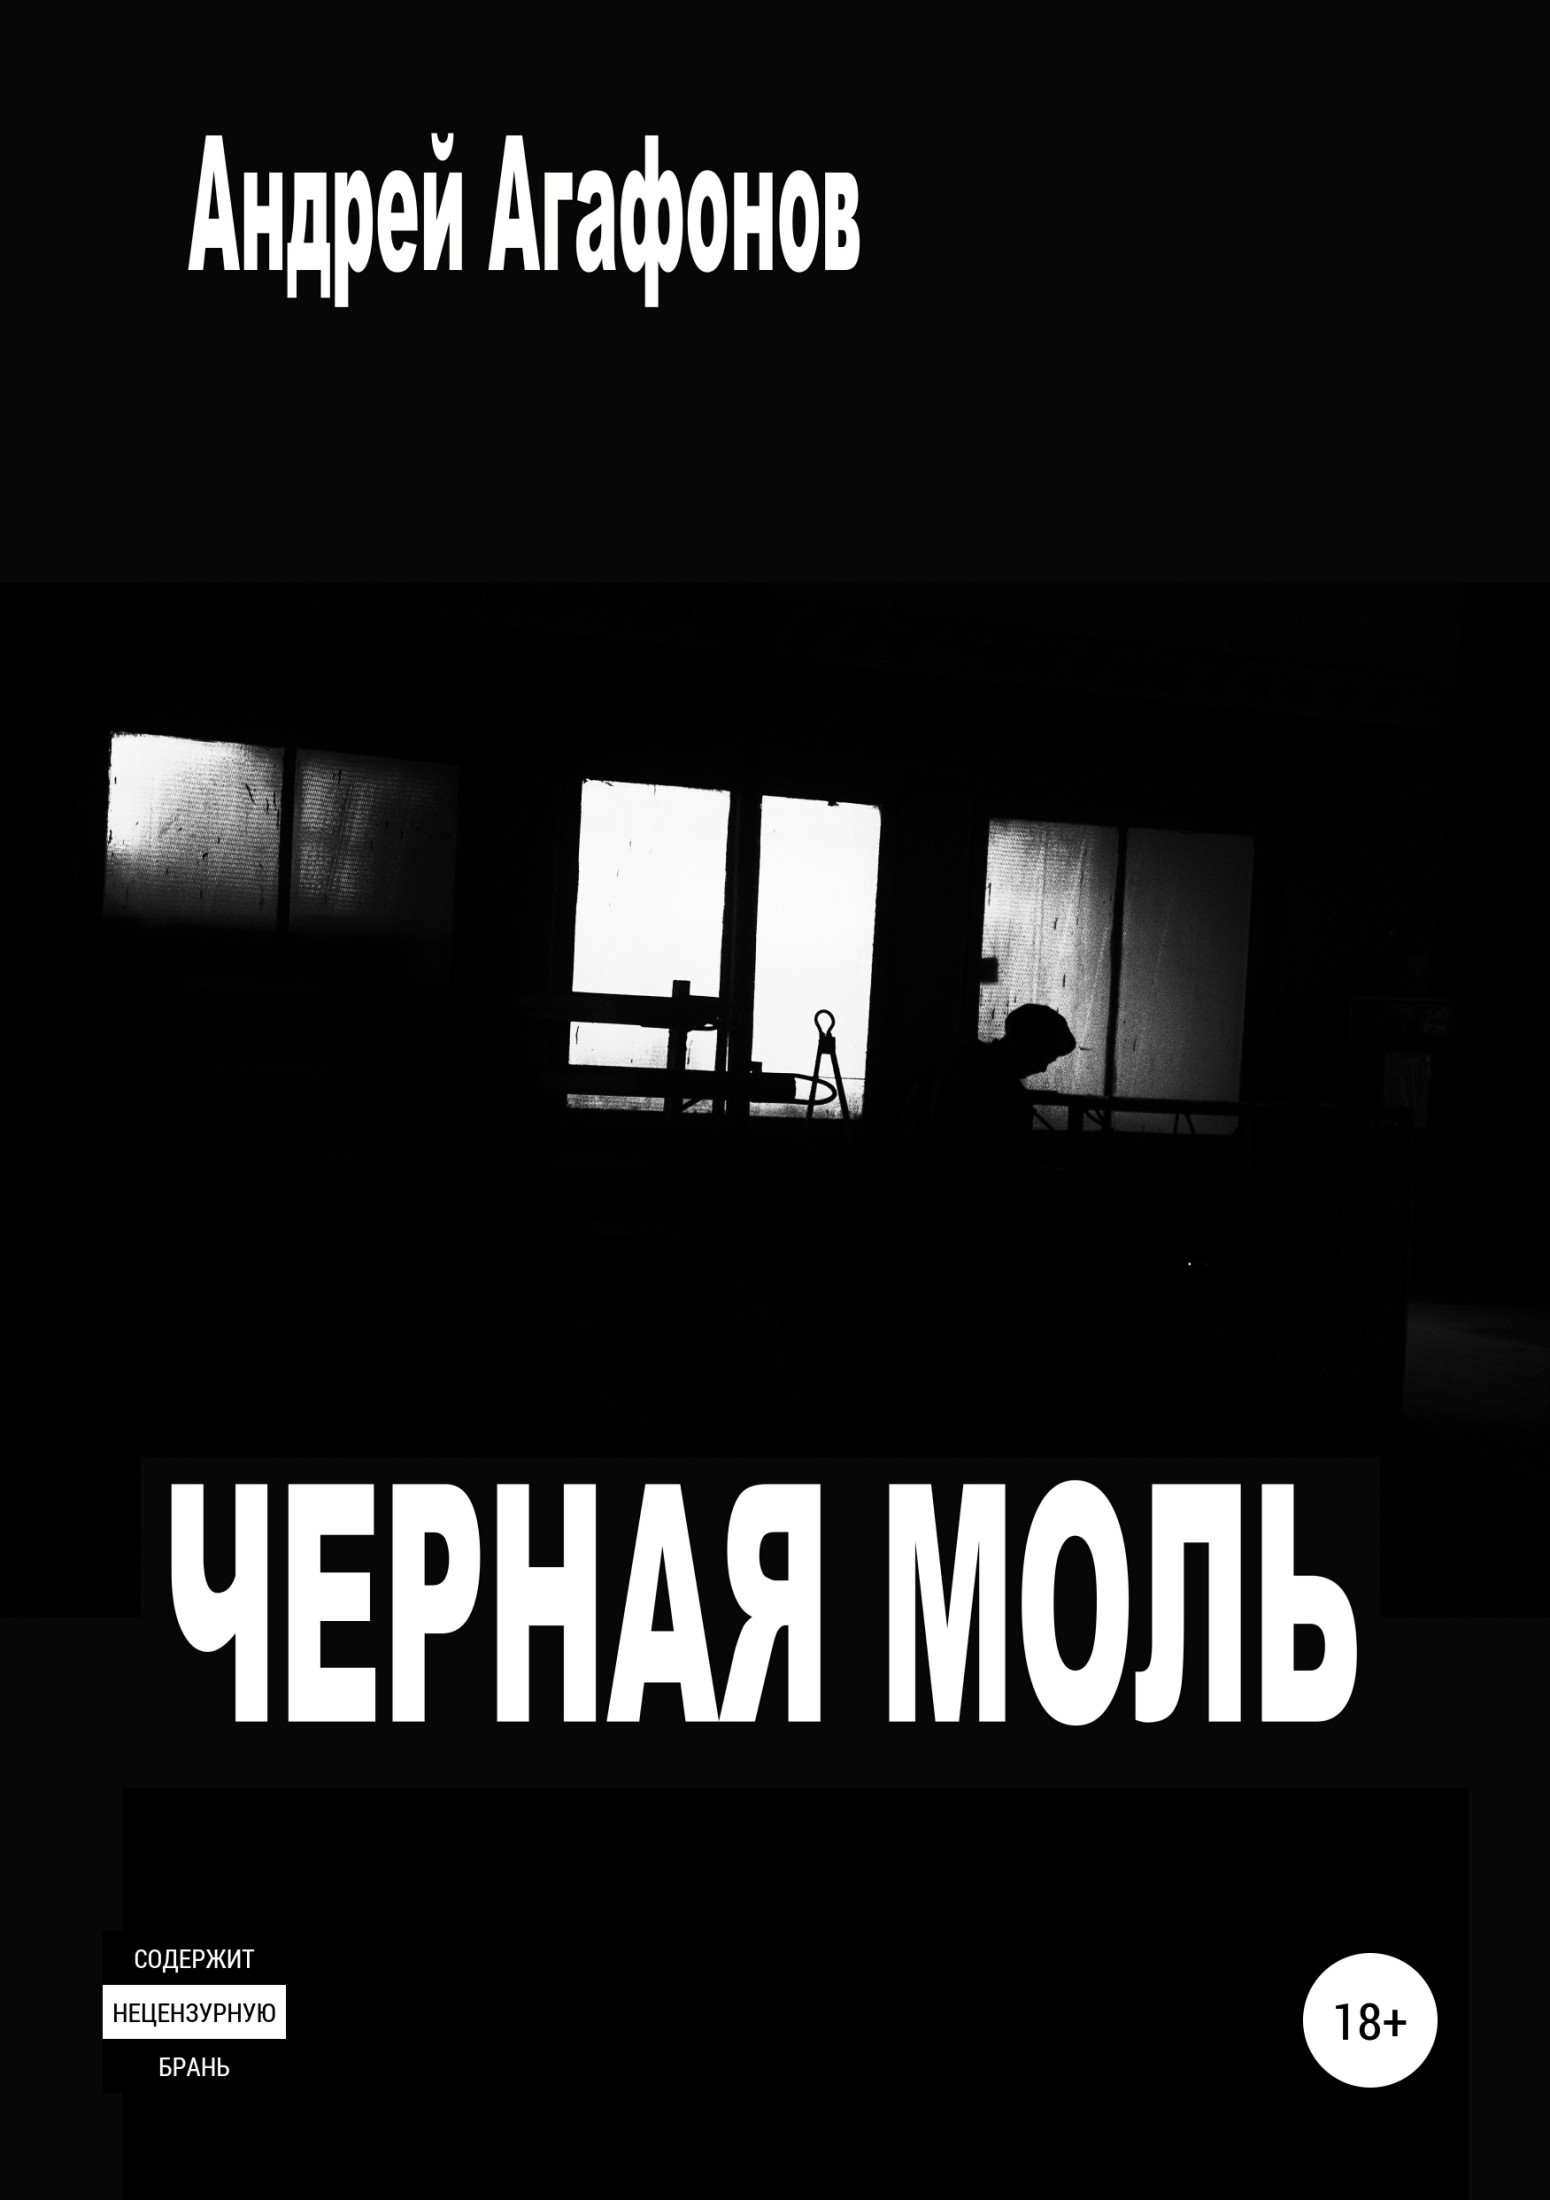 Андрей Агафонов - Черная моль